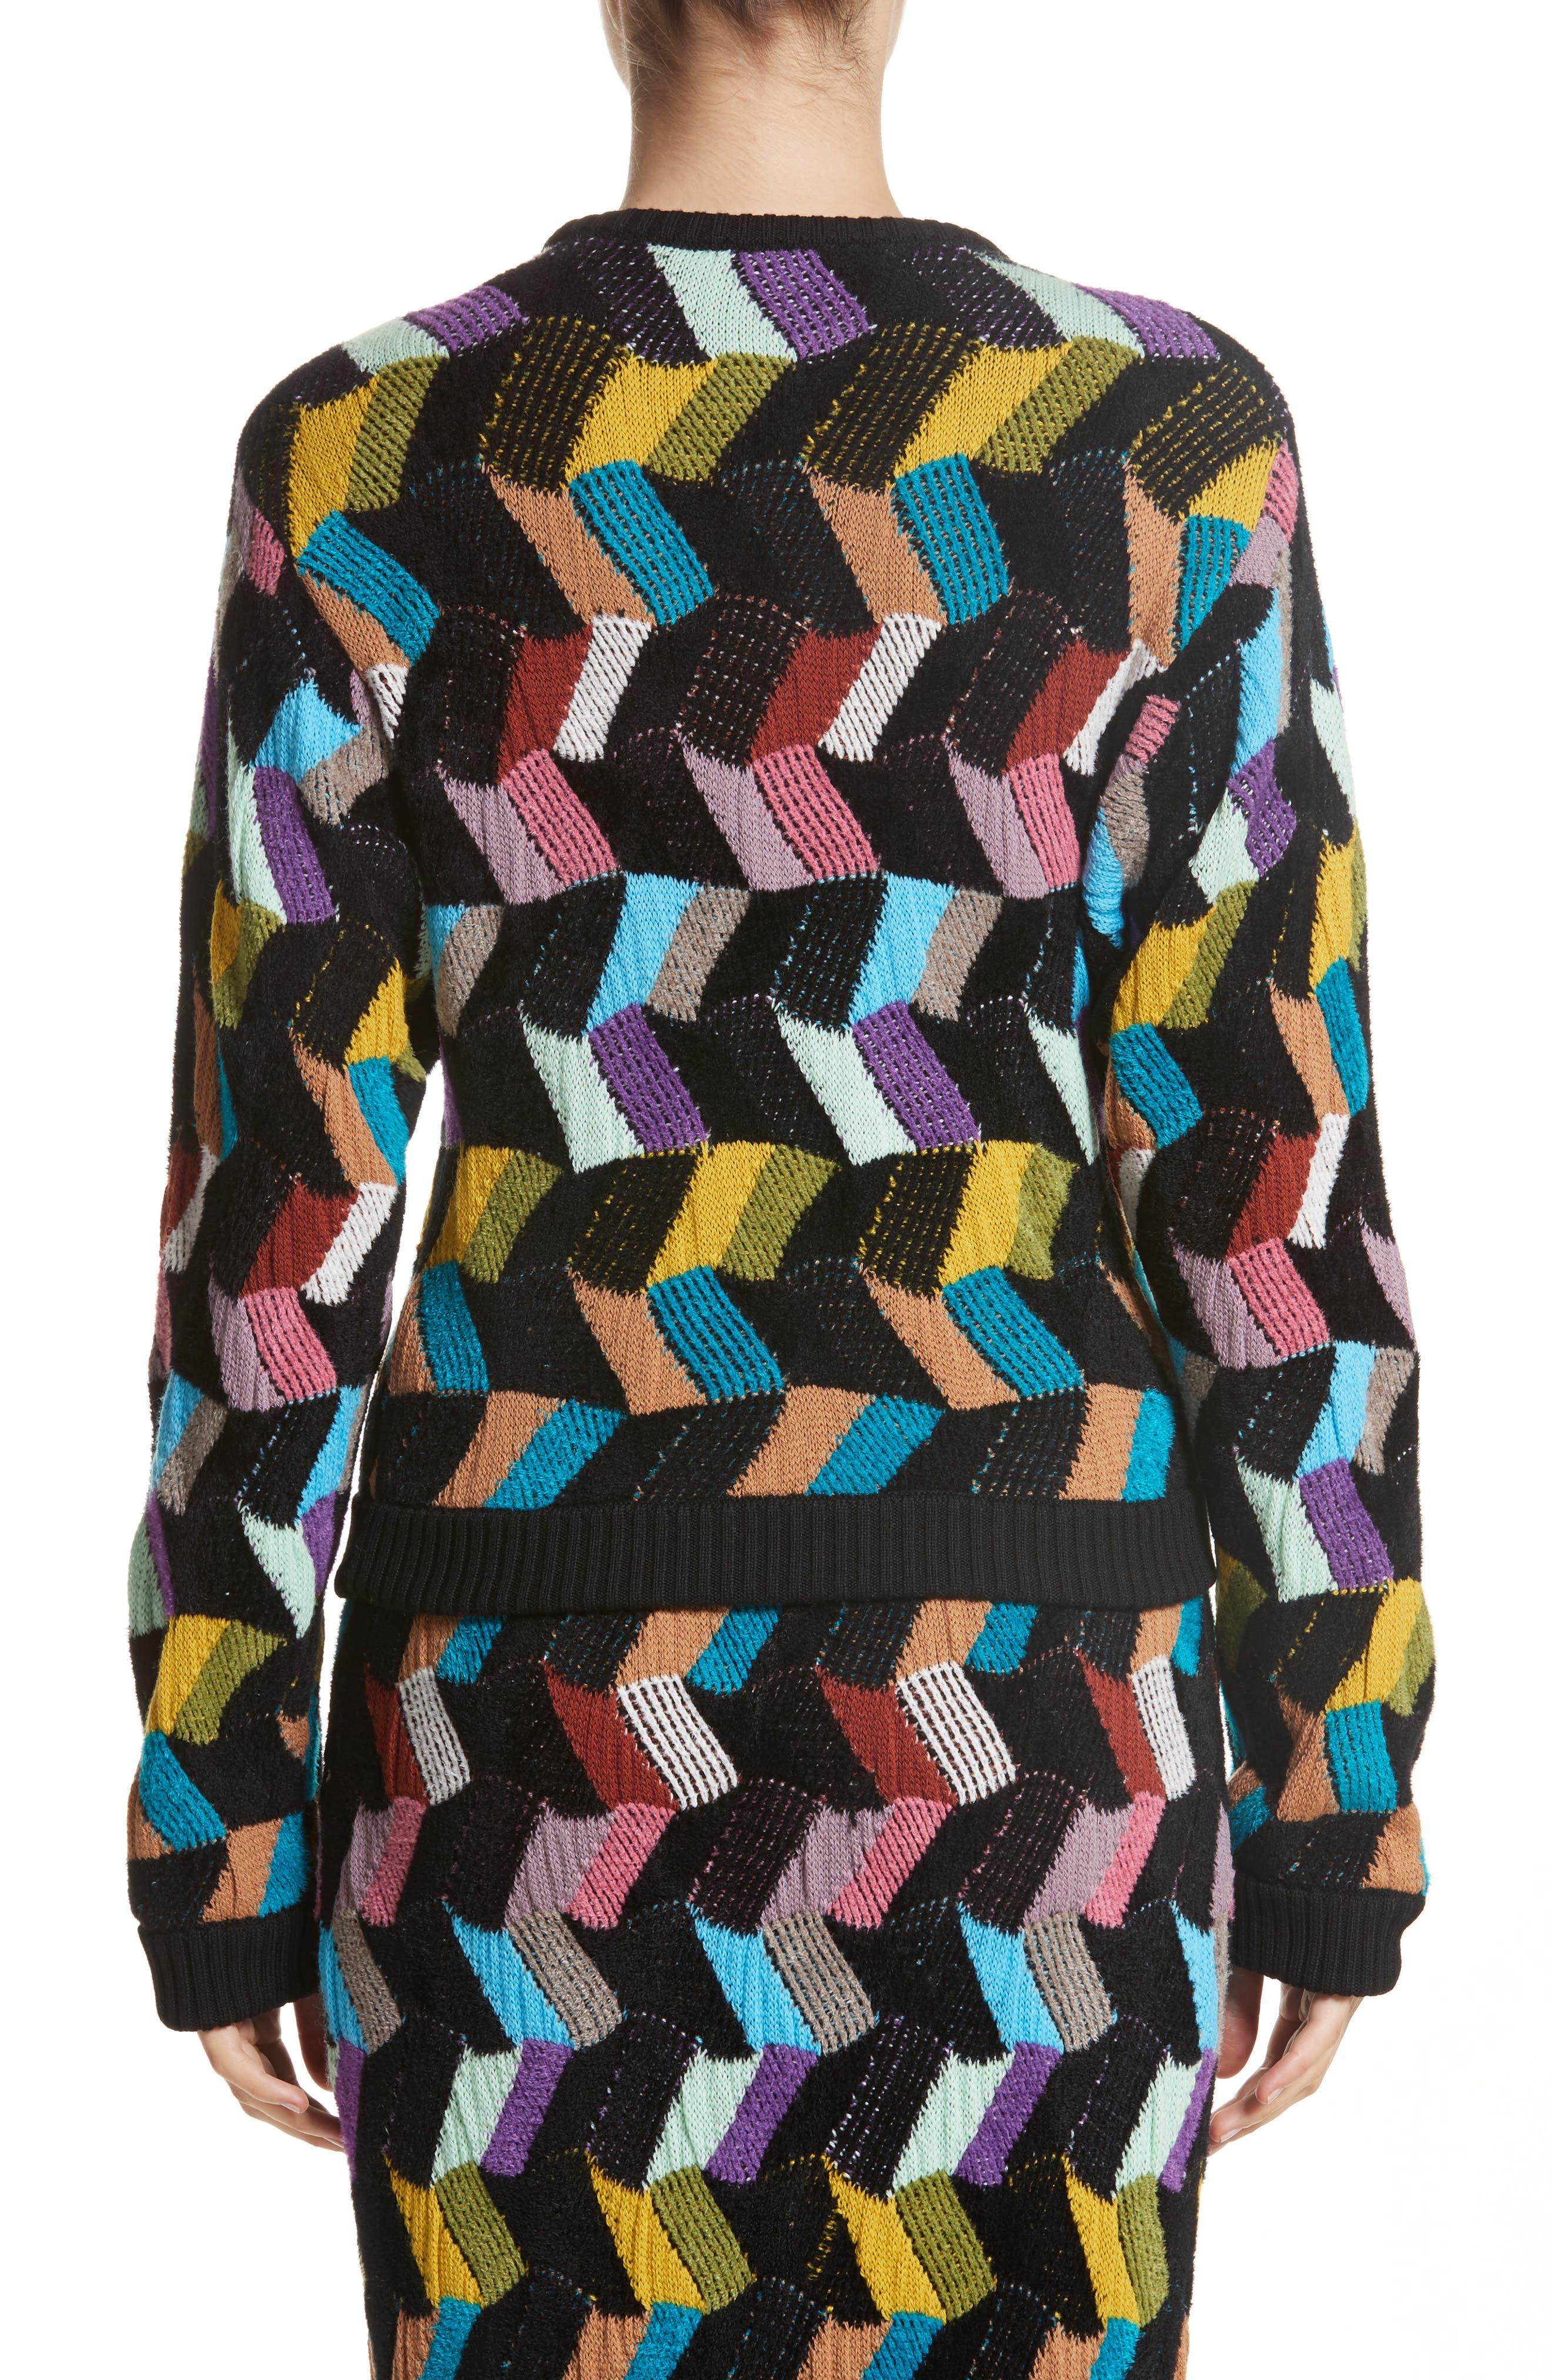 Jacquard Sweater,                             Alternate thumbnail 2, color,                             001